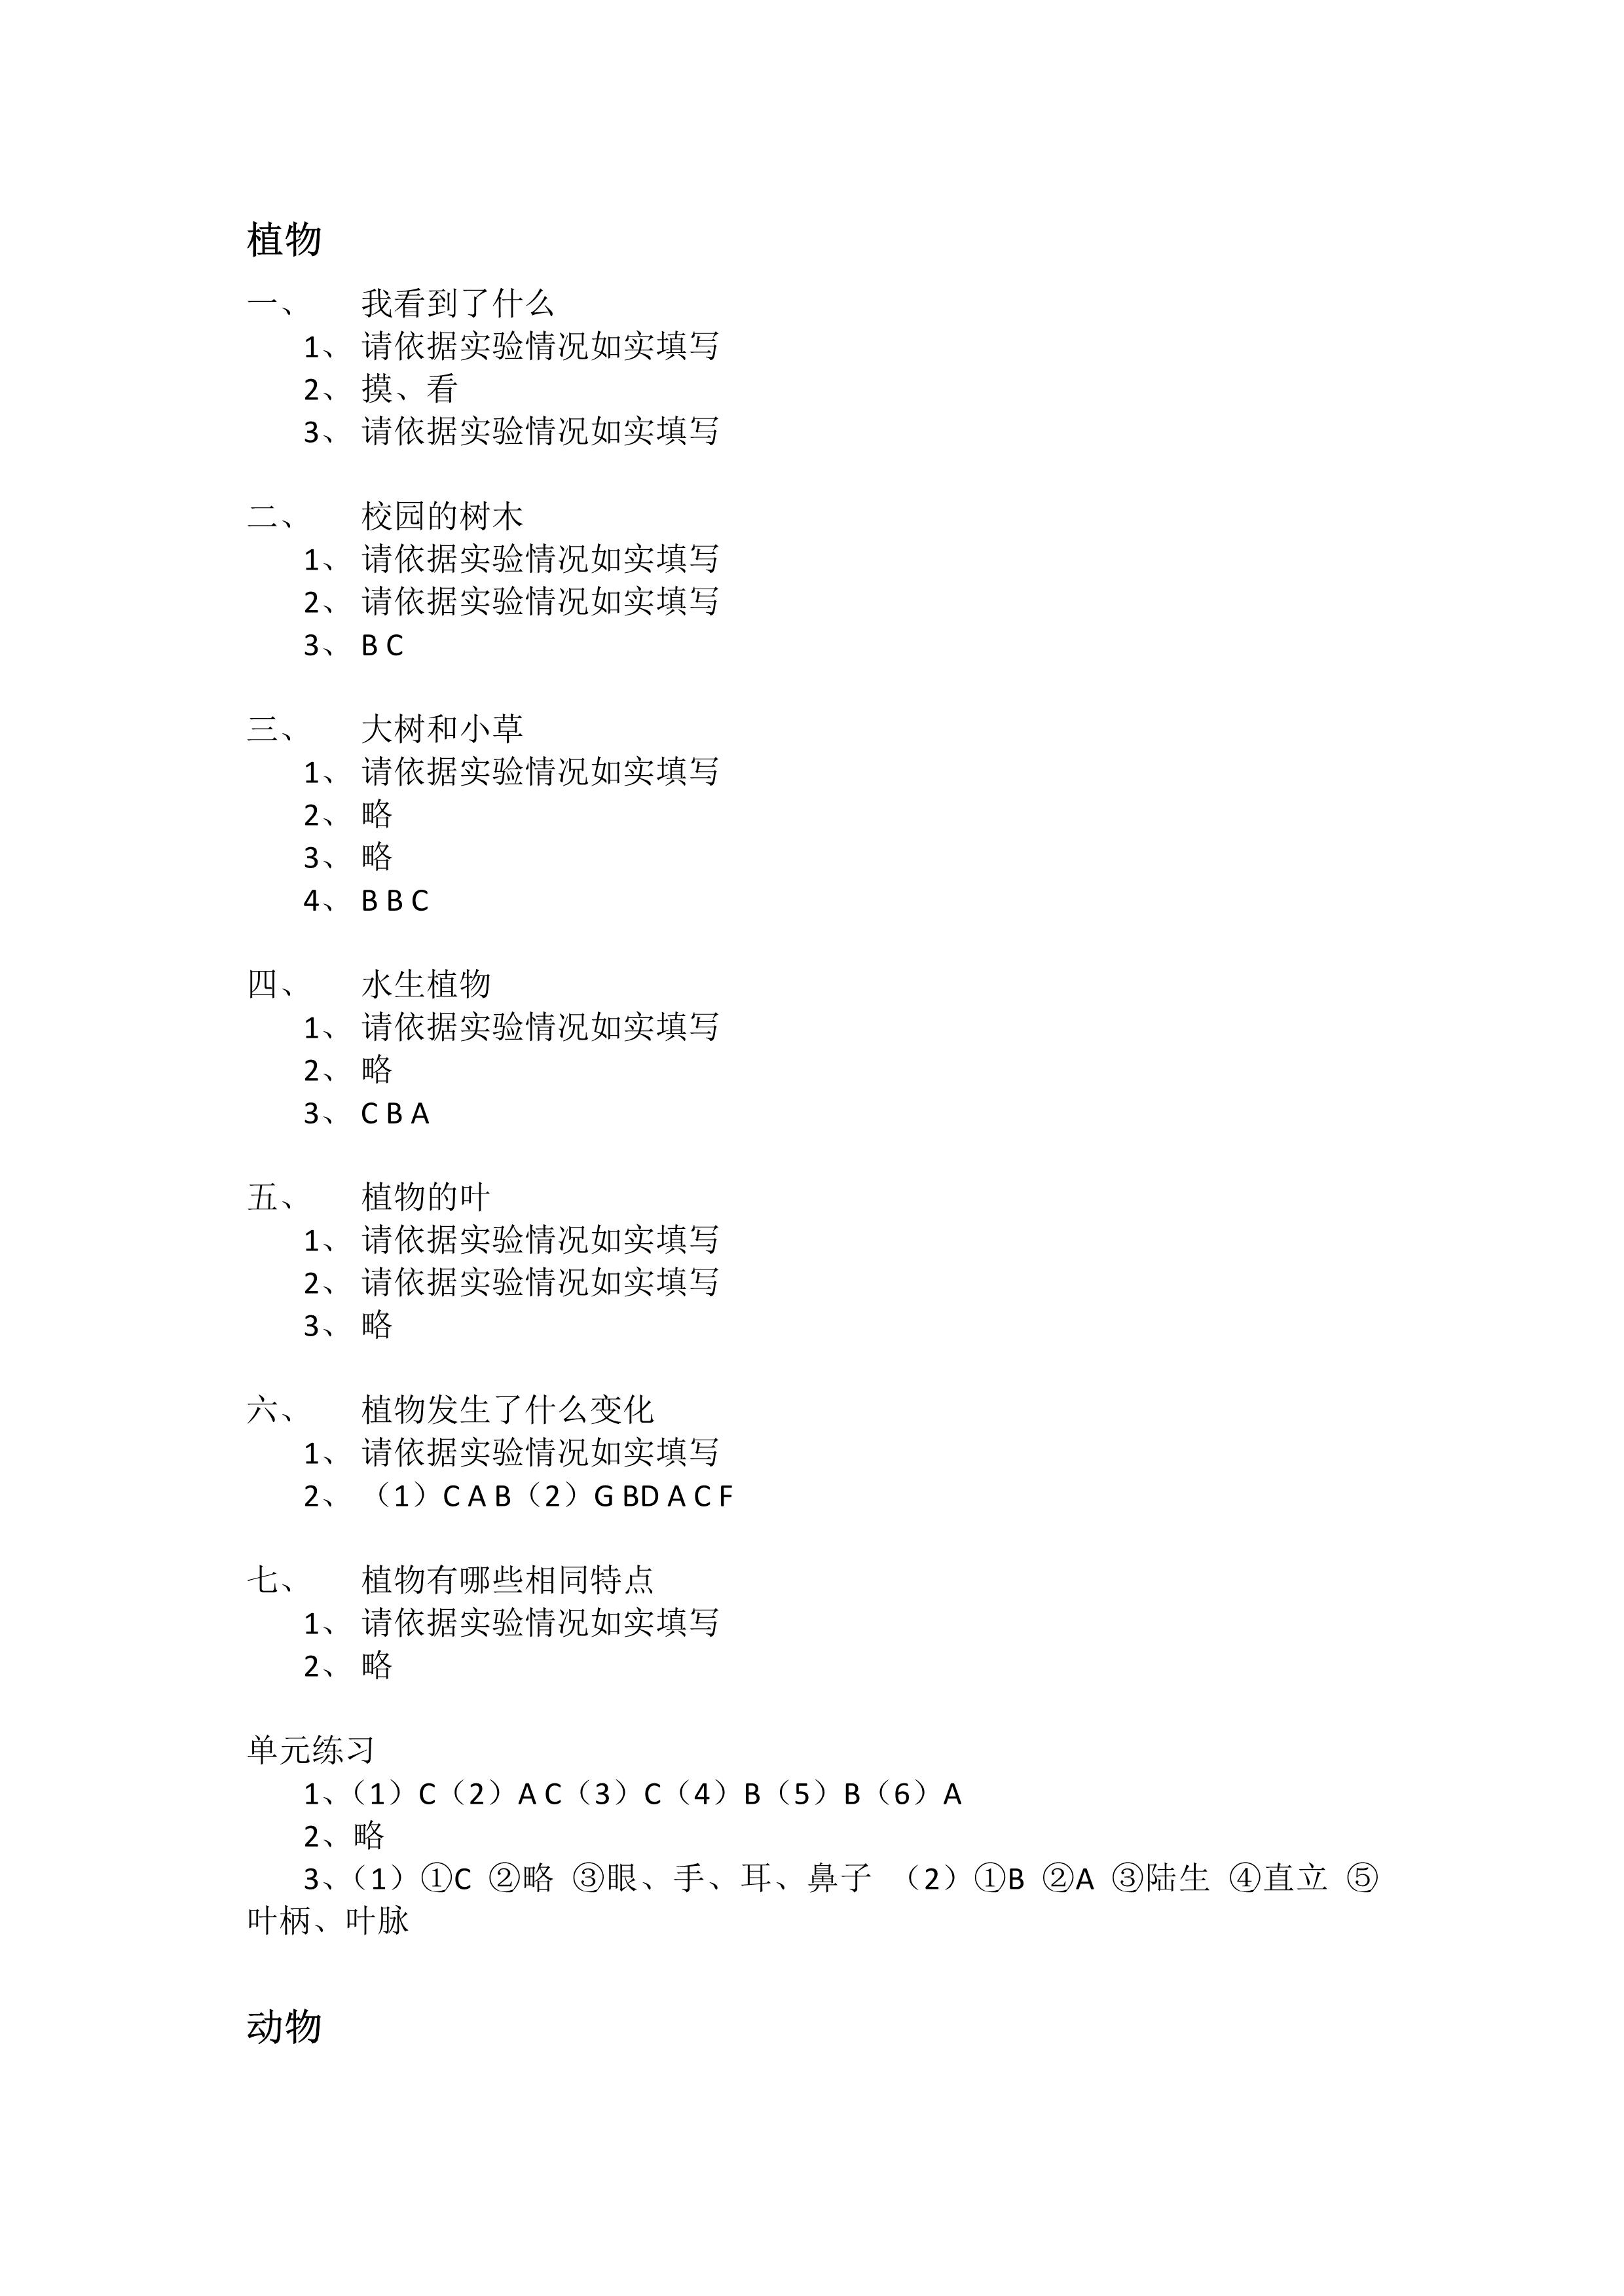 2018年科学作业本三年级教科版浙江教育出版社第1页